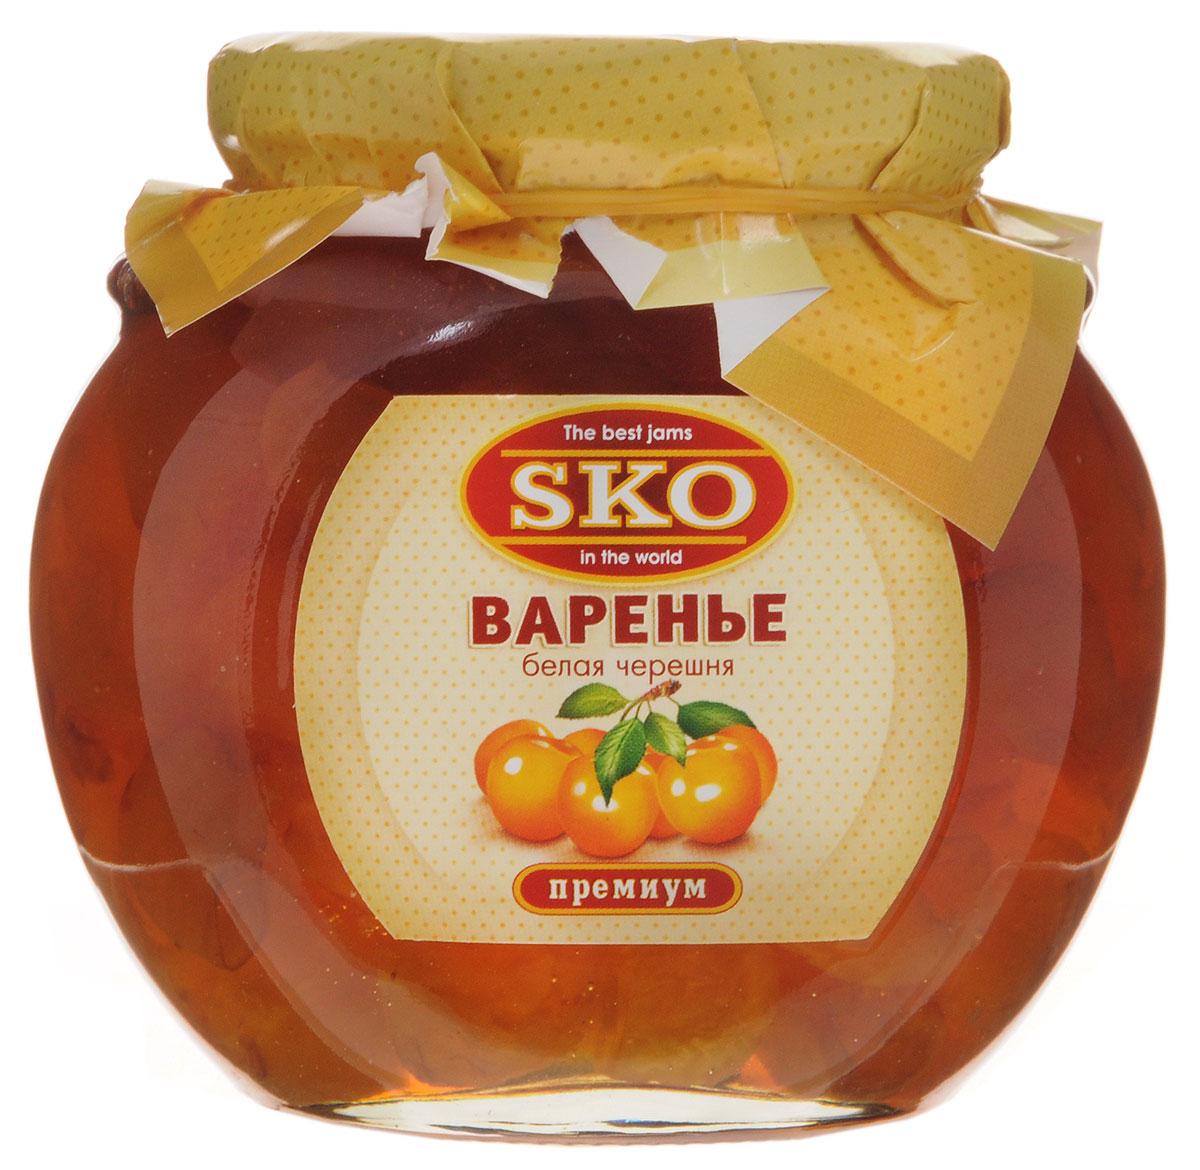 SKO варенье из белой черешни, 400 г0120710Варенье из белой черешни SKO - армянское варенье, приготовленное по домашним рецептам и современным технологиям, не содержит пектина. Может использоваться для приготовления пирогов, тортов и других разнообразных десертов, а также в качестве самостоятельного лакомства.Варенье из сладких и мясистых плодов белой черешни получается просто изумительным. Оно полезно при гипертонических болезнях, болезнях почек и печени, ревматизме, артрите, подагре, малокровии, атонии кишечника, запорах и других заболеваниях желудочно-кишечного тракта, язве желудка и двенадцатиперстной кишки, гастрите с повышенной кислотностью, расстройствах нервной системы.